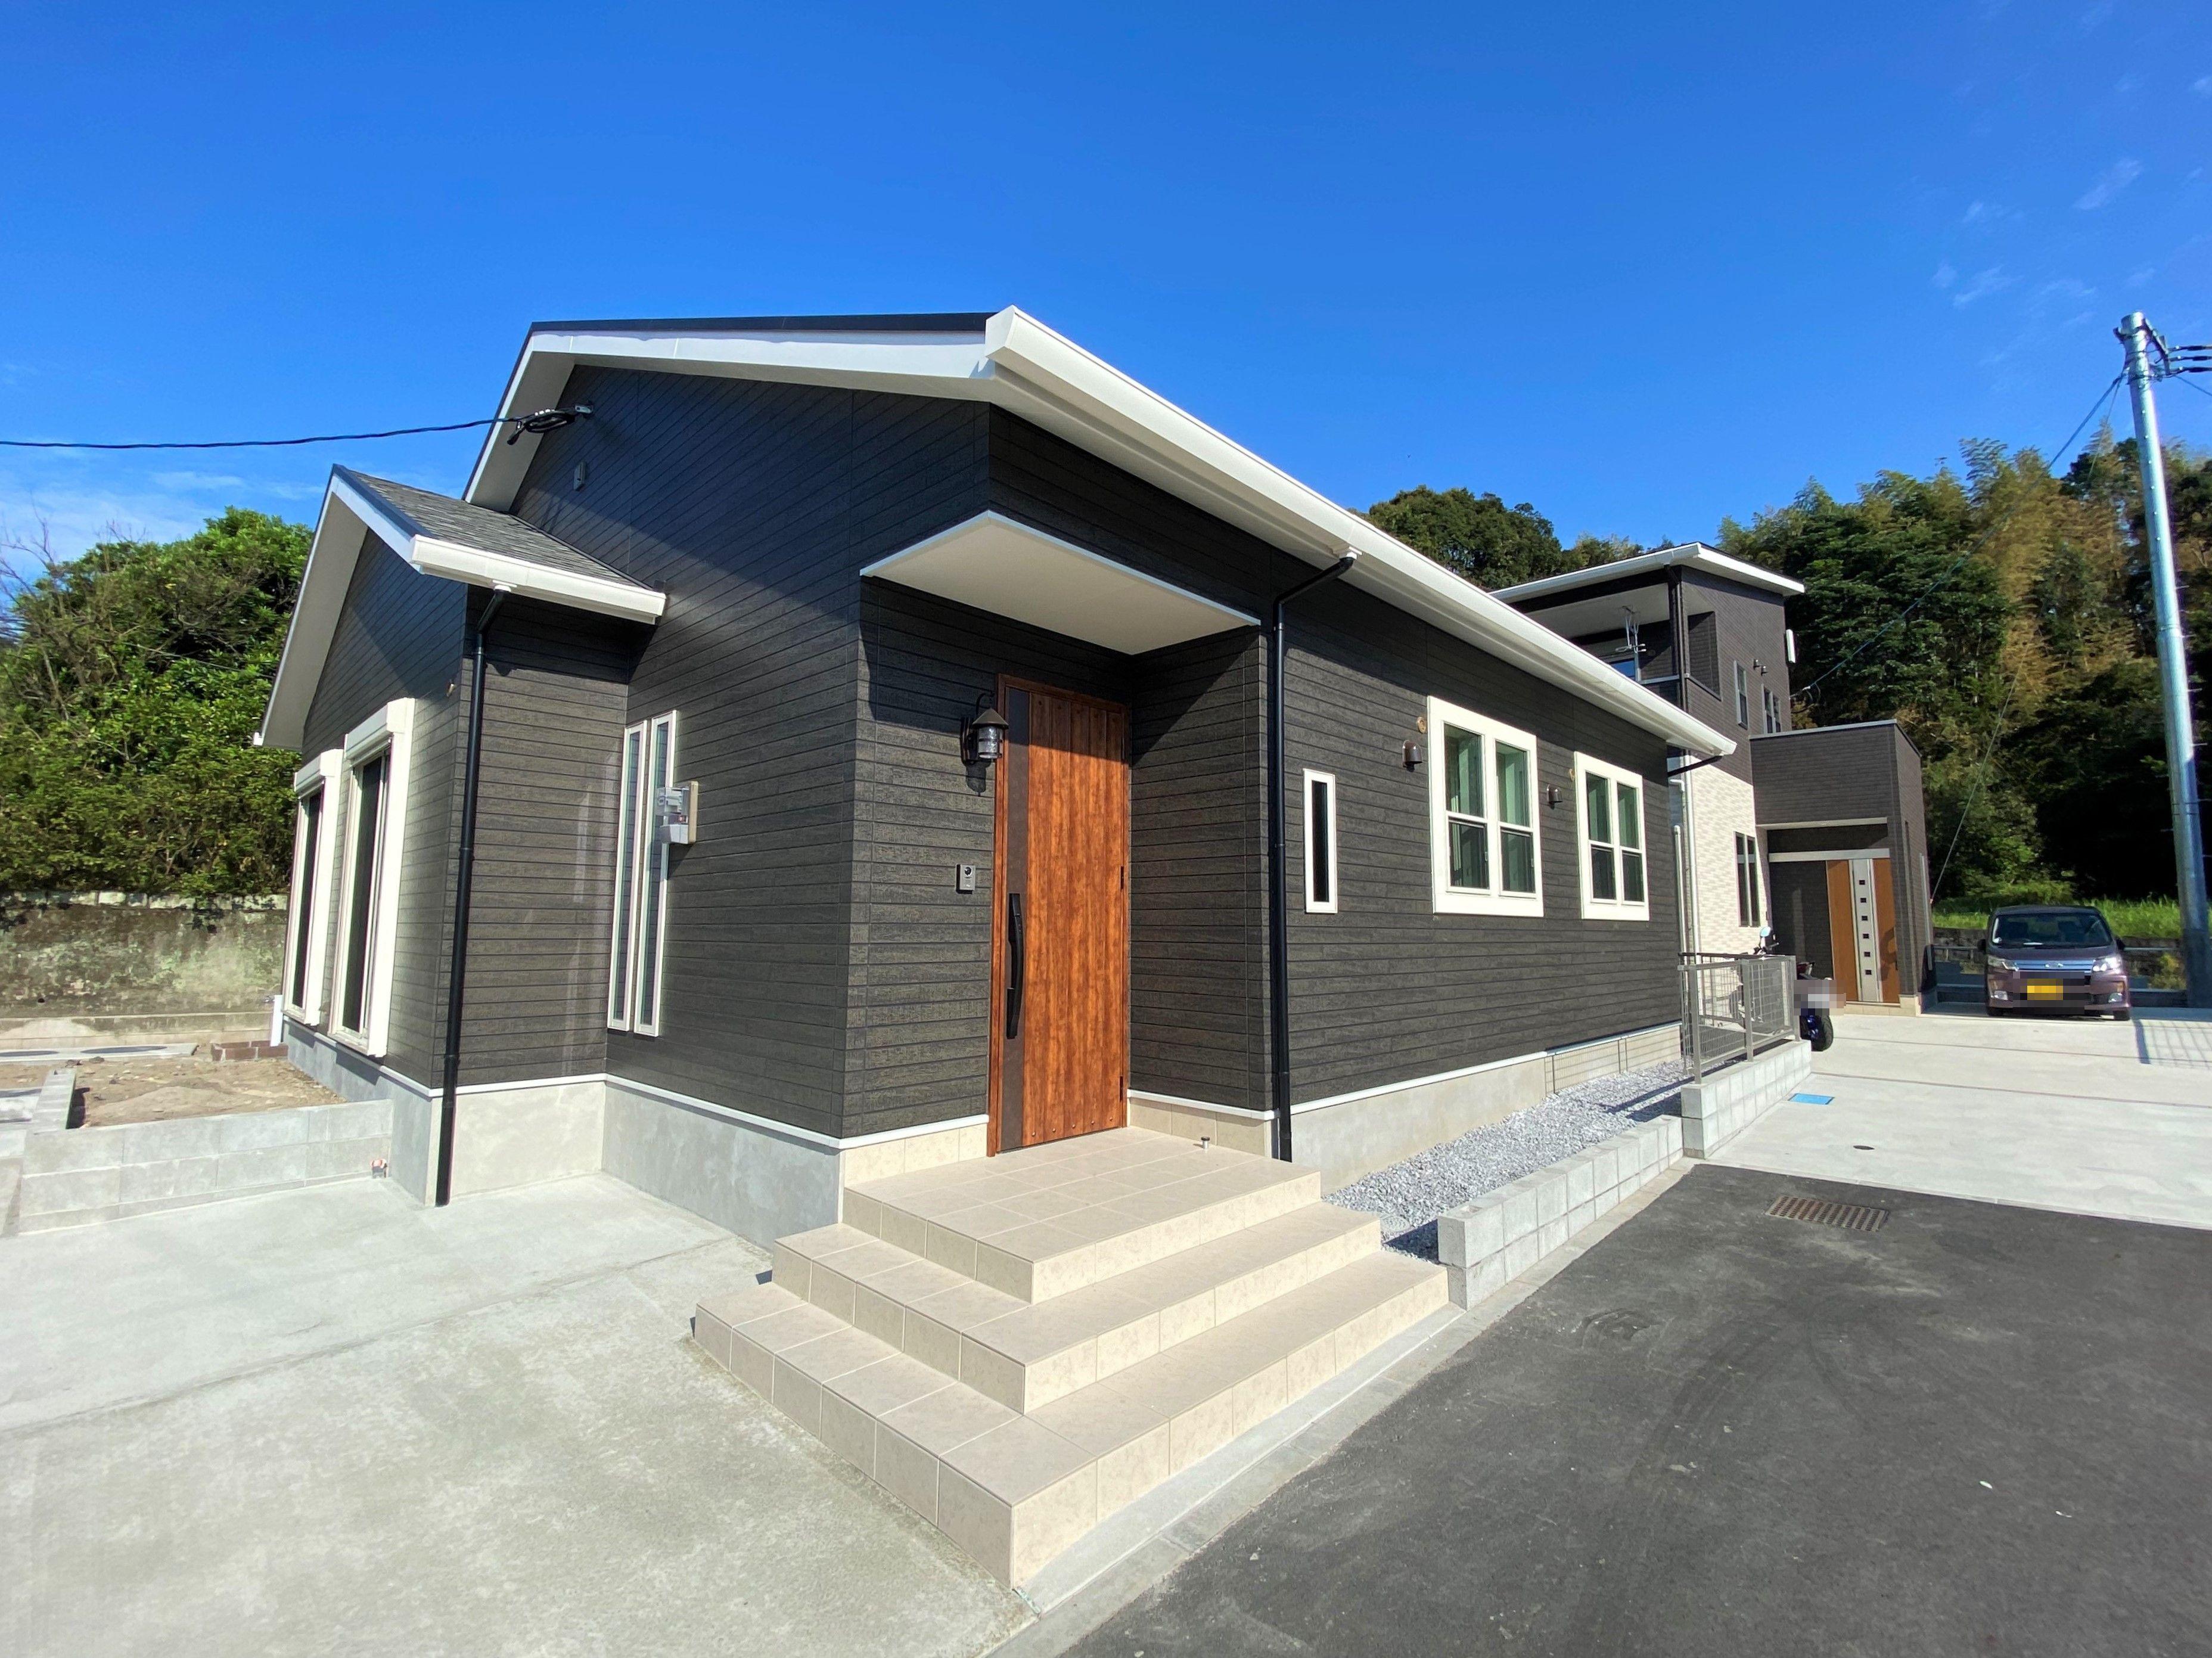 11月14日(土)・15日(日)平屋建てオープンハウス開催IN山田町※契約済み